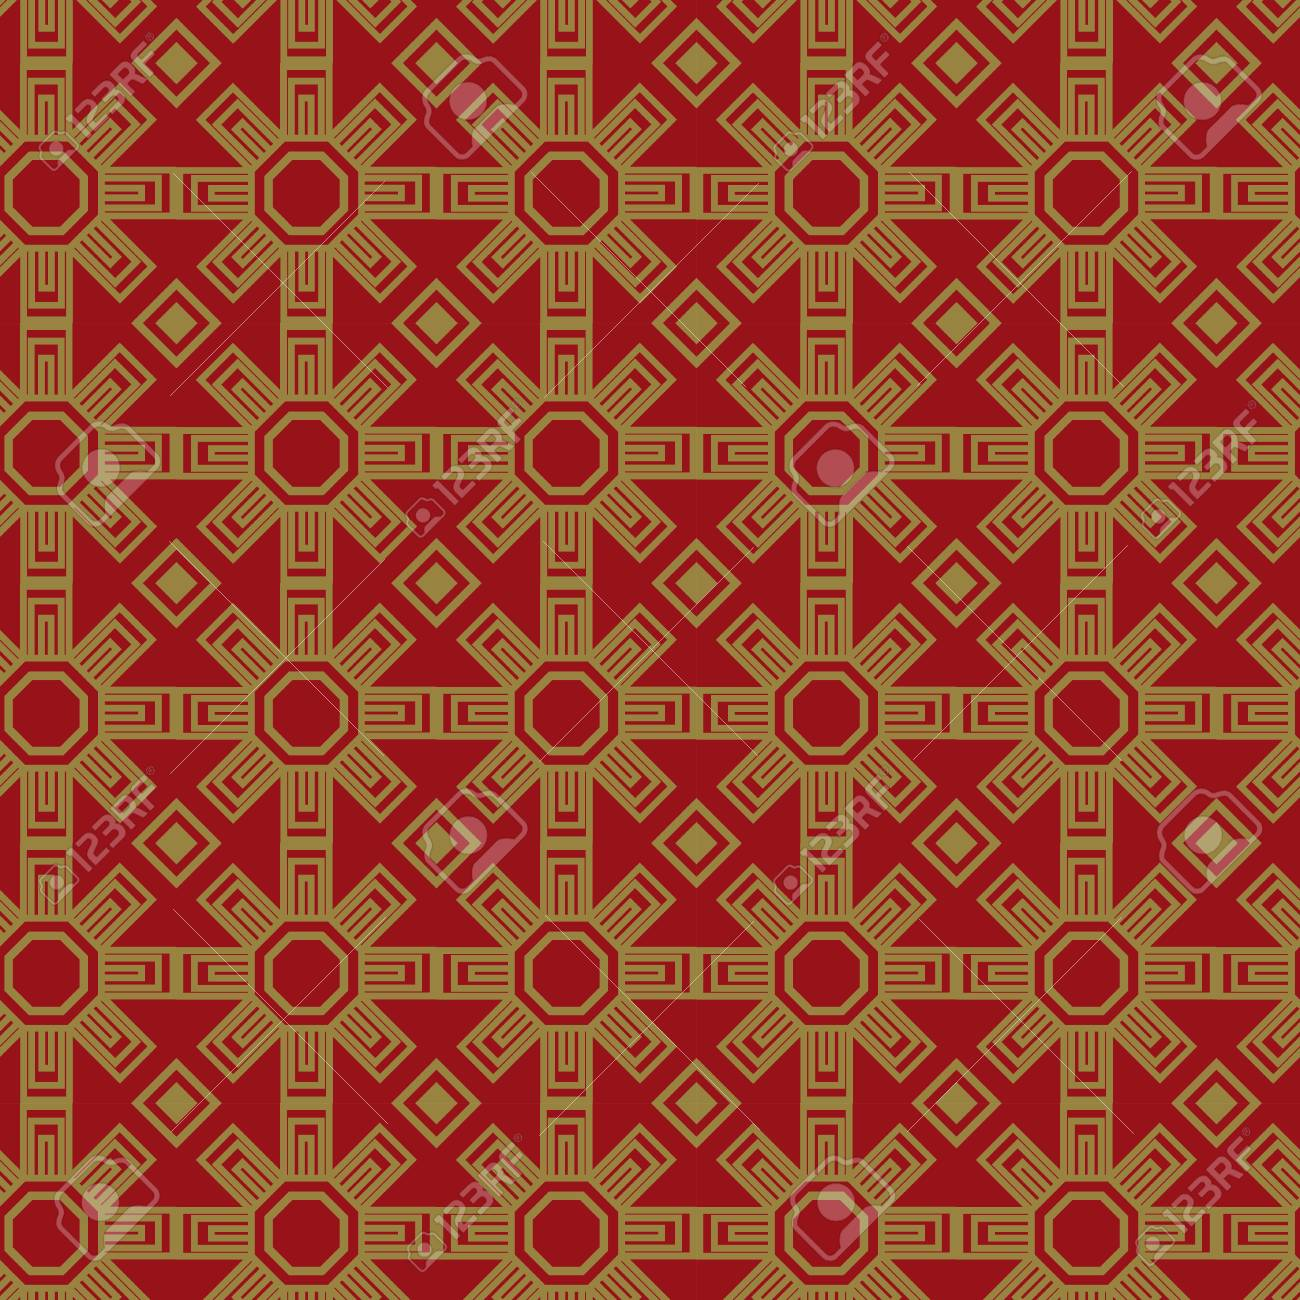 traditionelle chinesische nahtlose muster endlose textur kann fr tapeten muster fllt web - Tapeten Mit Muster